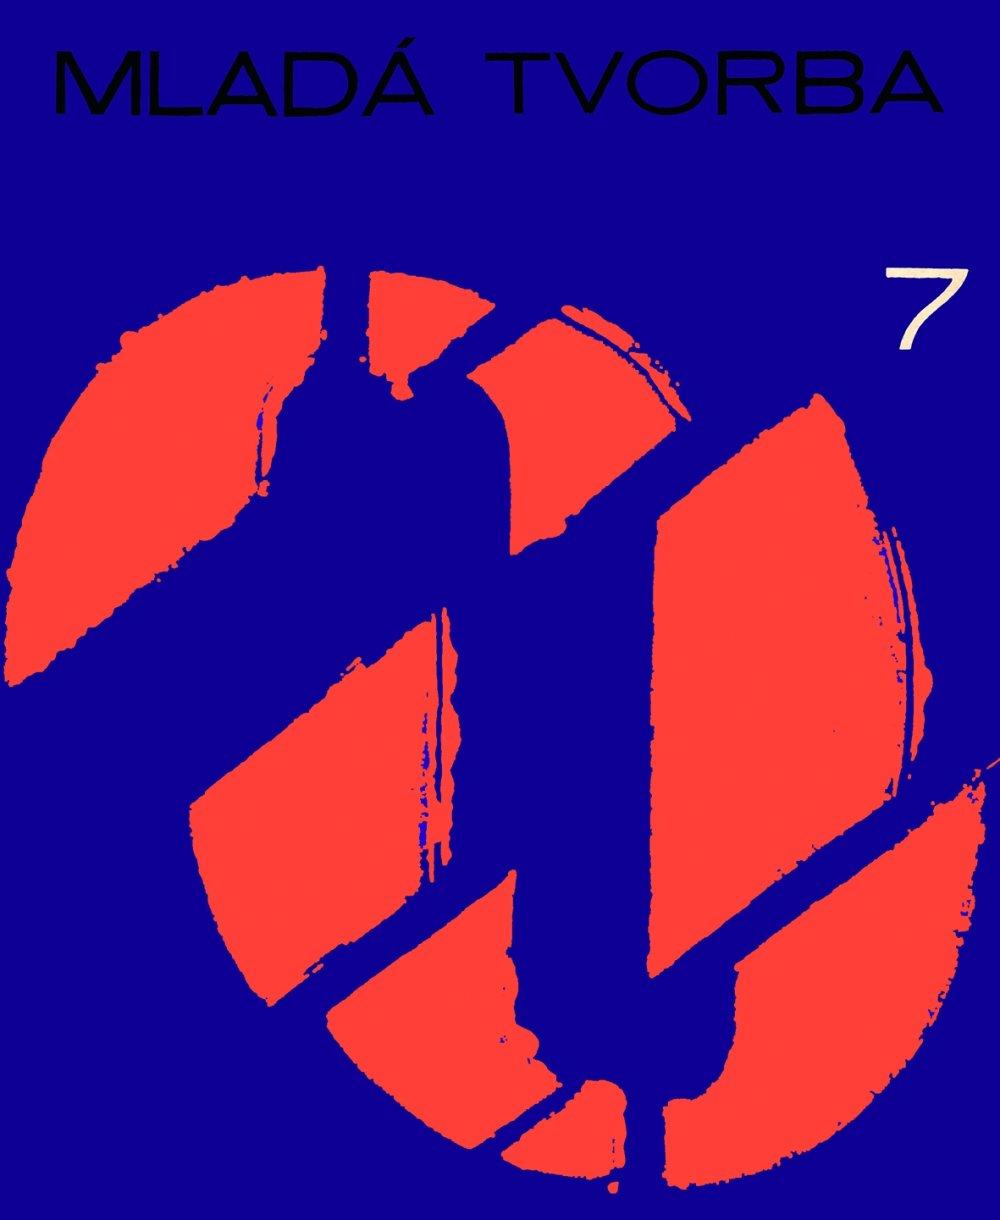 Motív O, typografická obálka Mladej tvorby od Miloša Urbáska, číslo 7, 1966, archív SMD.